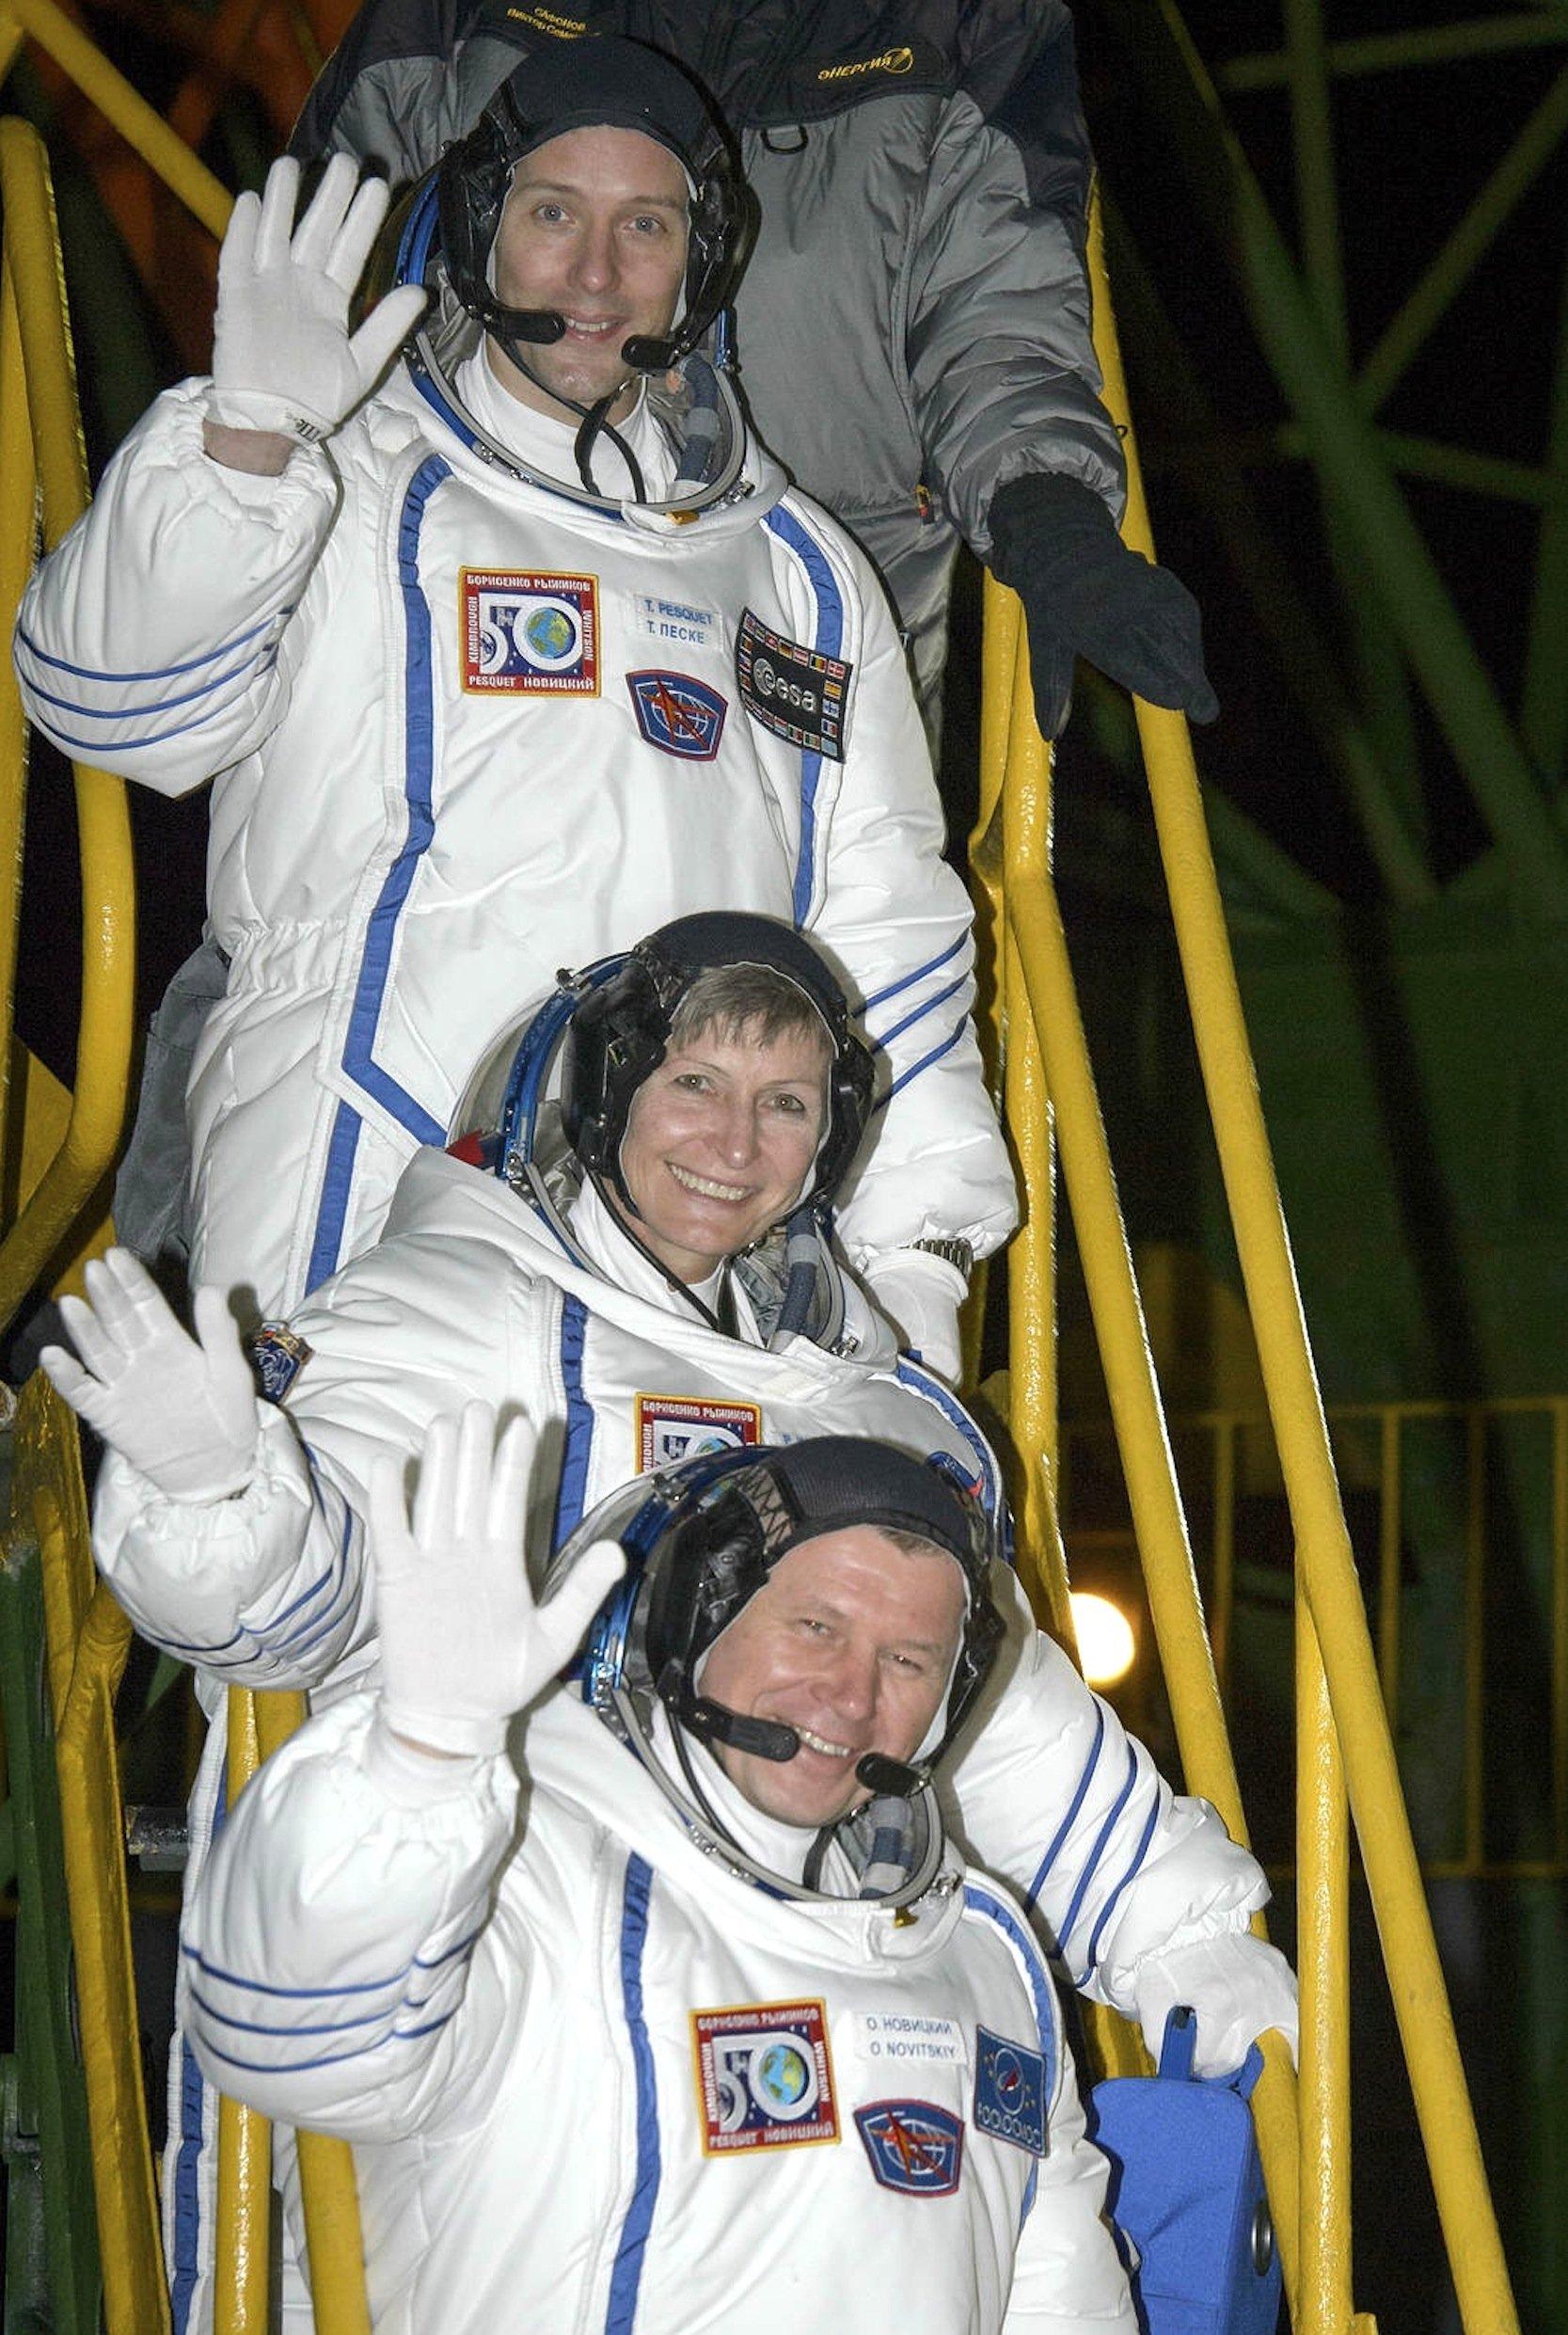 Das ist die neue ISS-Crew Nr. 50:ESA-Atronaut Thomas Pesquet (oben), Nasa-Astronautin Peggy Whitson und der russische Kosmonaut Oleg Nowizki.